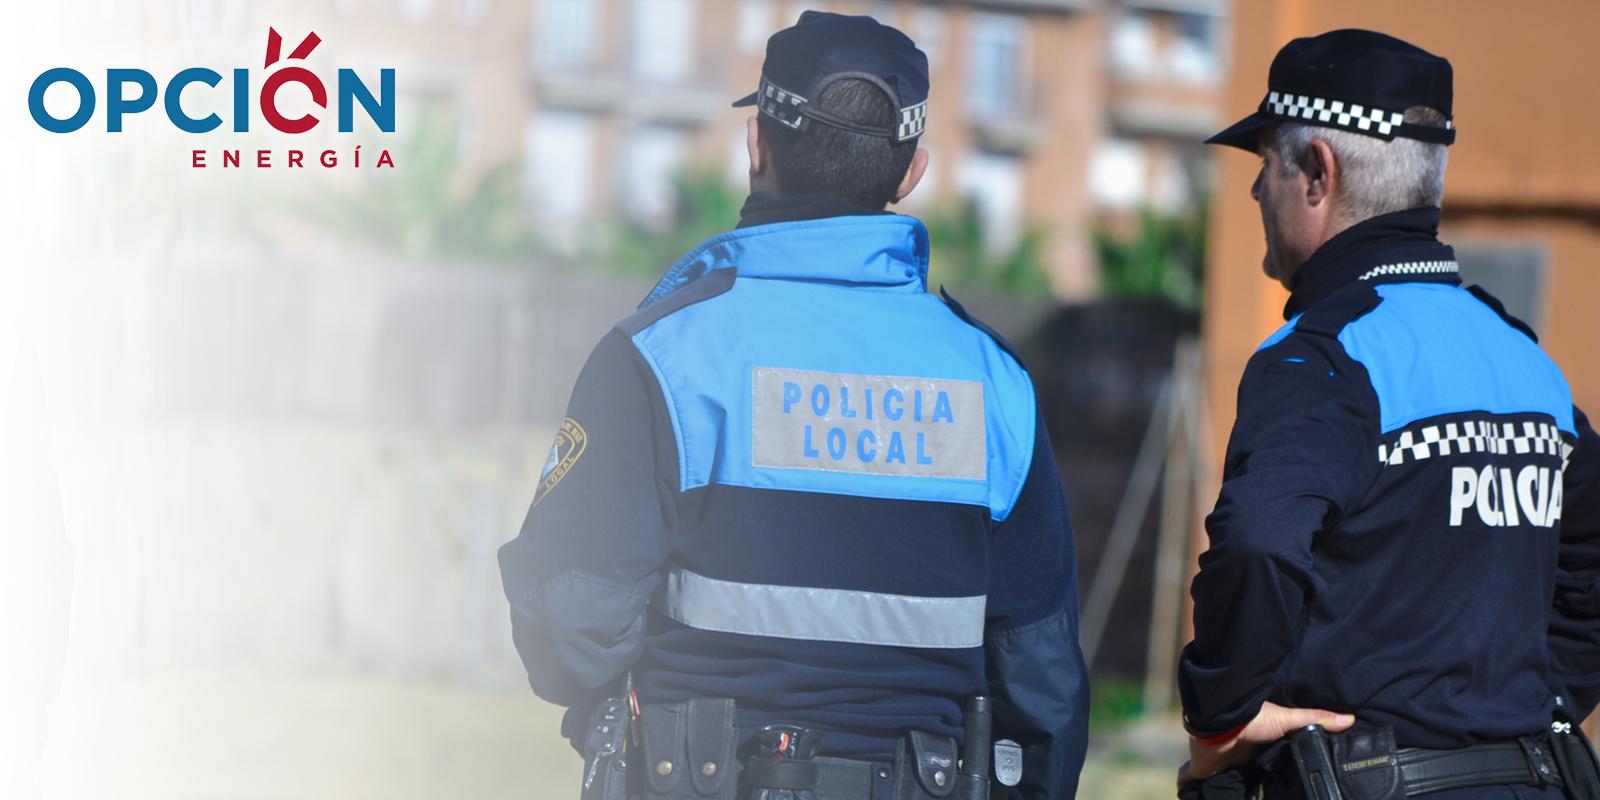 La policía local de la capital de navarra se suma a la opción del autoconsumo